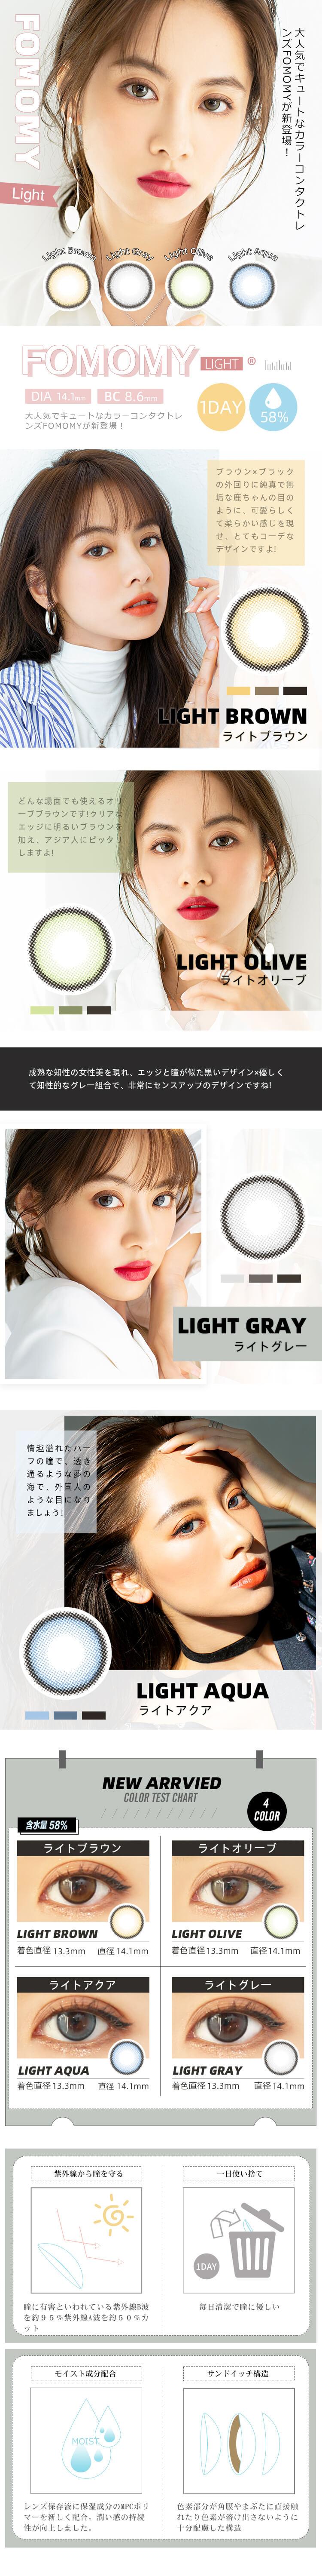 フォモミライト(FOMOMY Light) 韓国っぽ